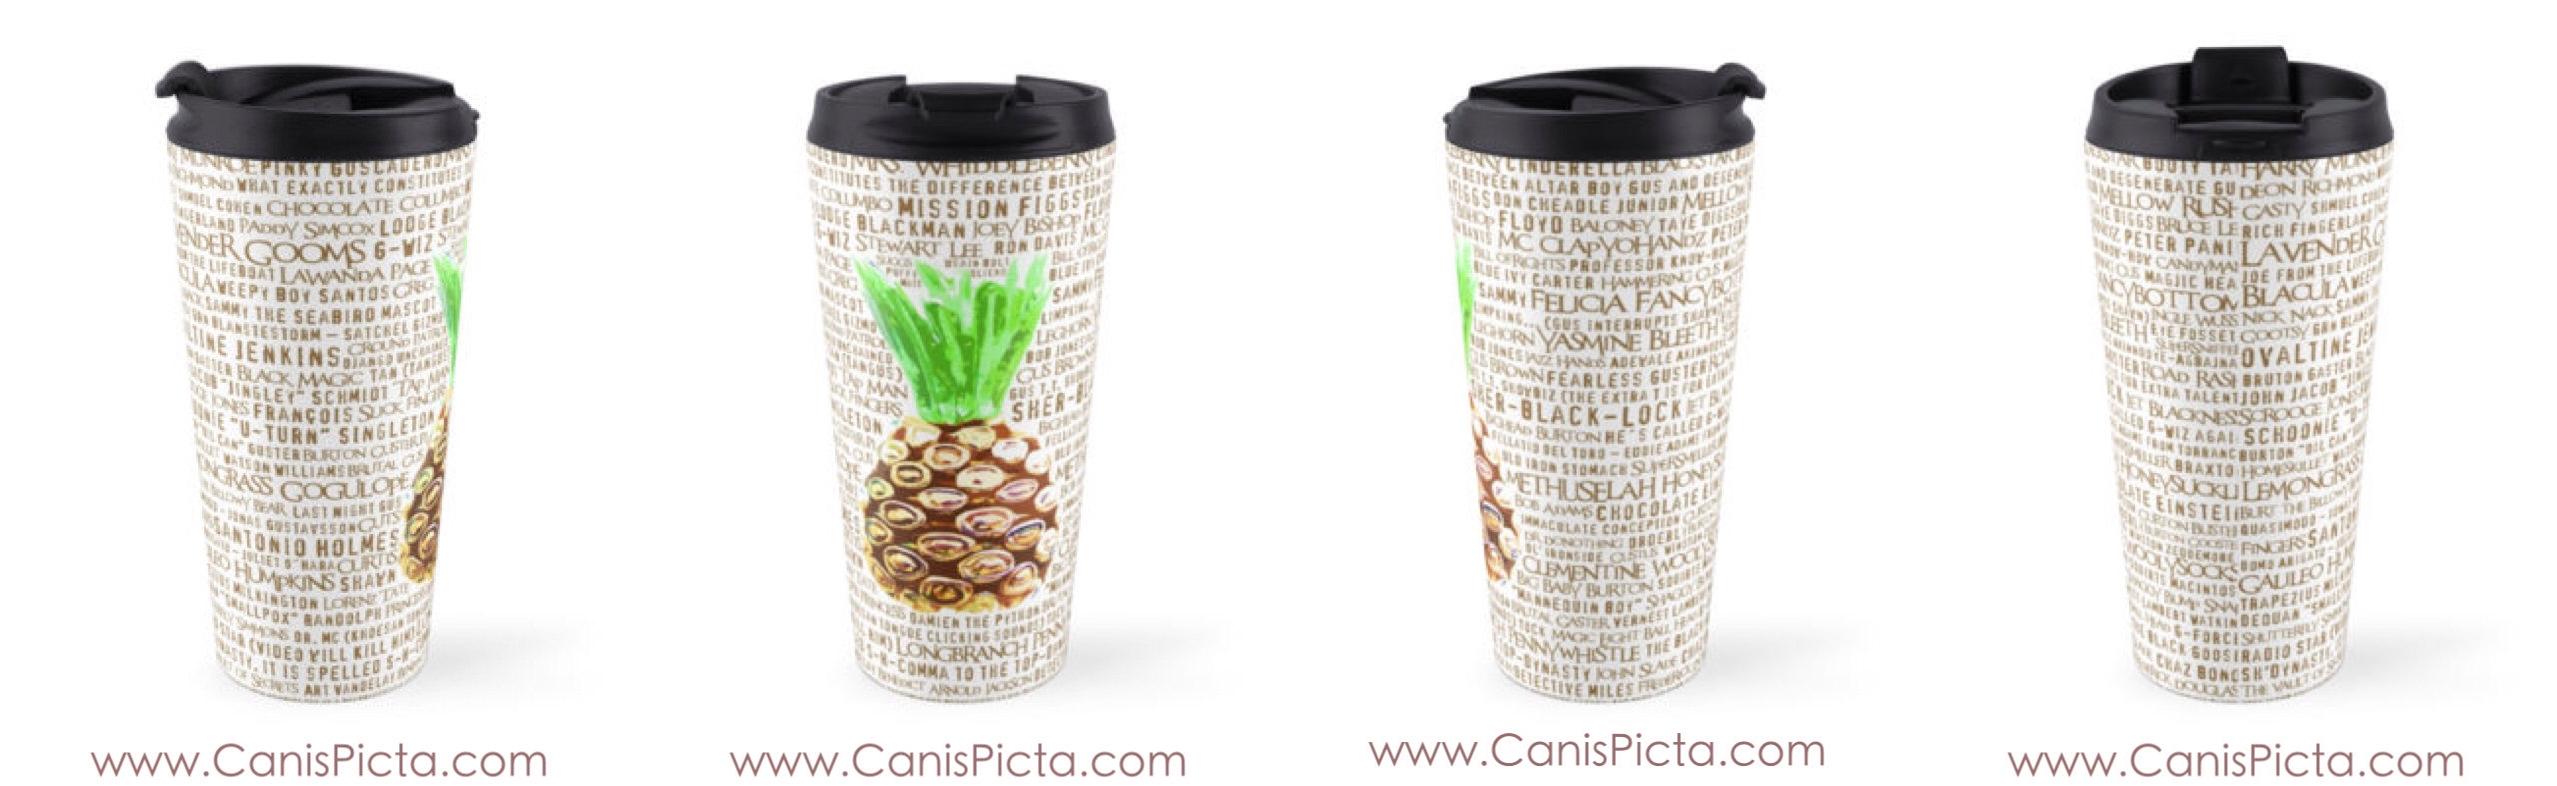 psych pineapple travel mug burton guster nicknames christmas cup tea